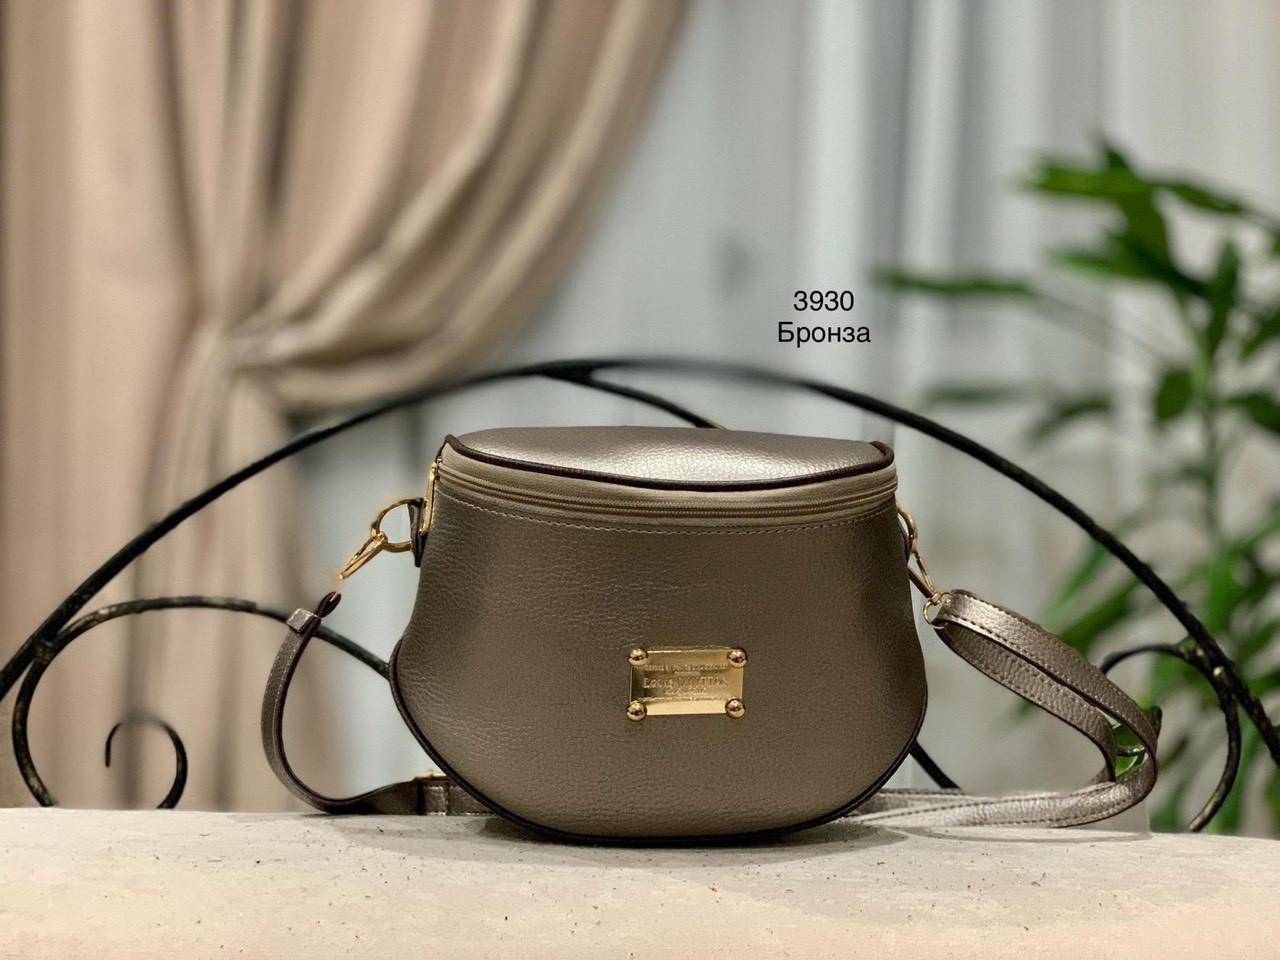 Золотистая женская сумочка через плечо маленькая сумка бронза кожзам